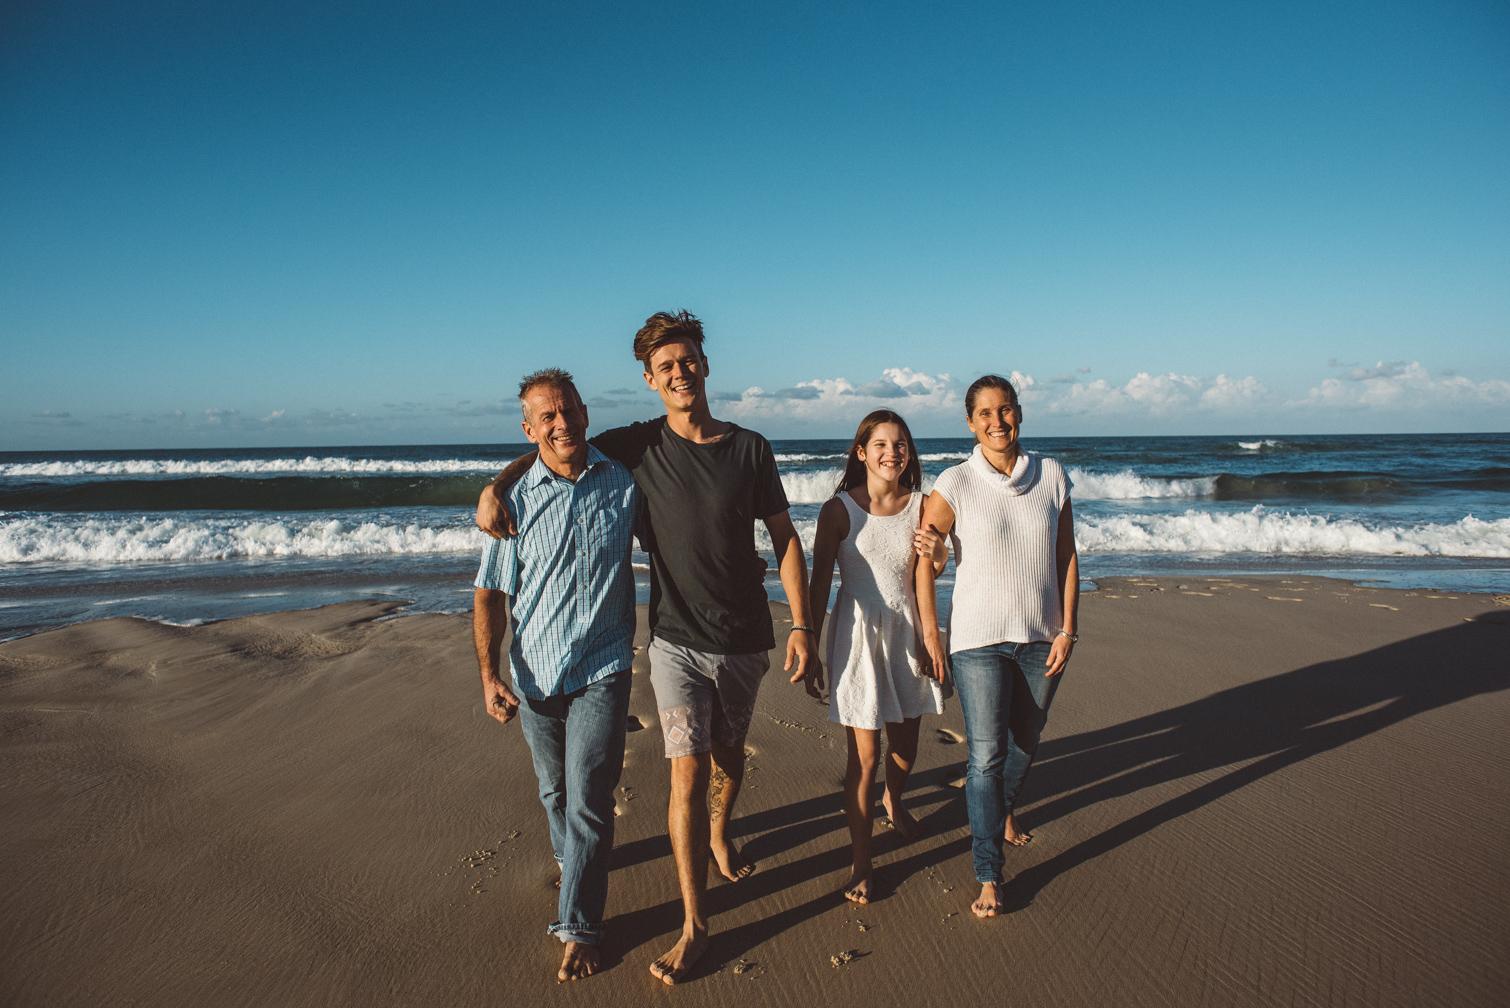 Palm_Beach_Family_Photographer_25.jpg